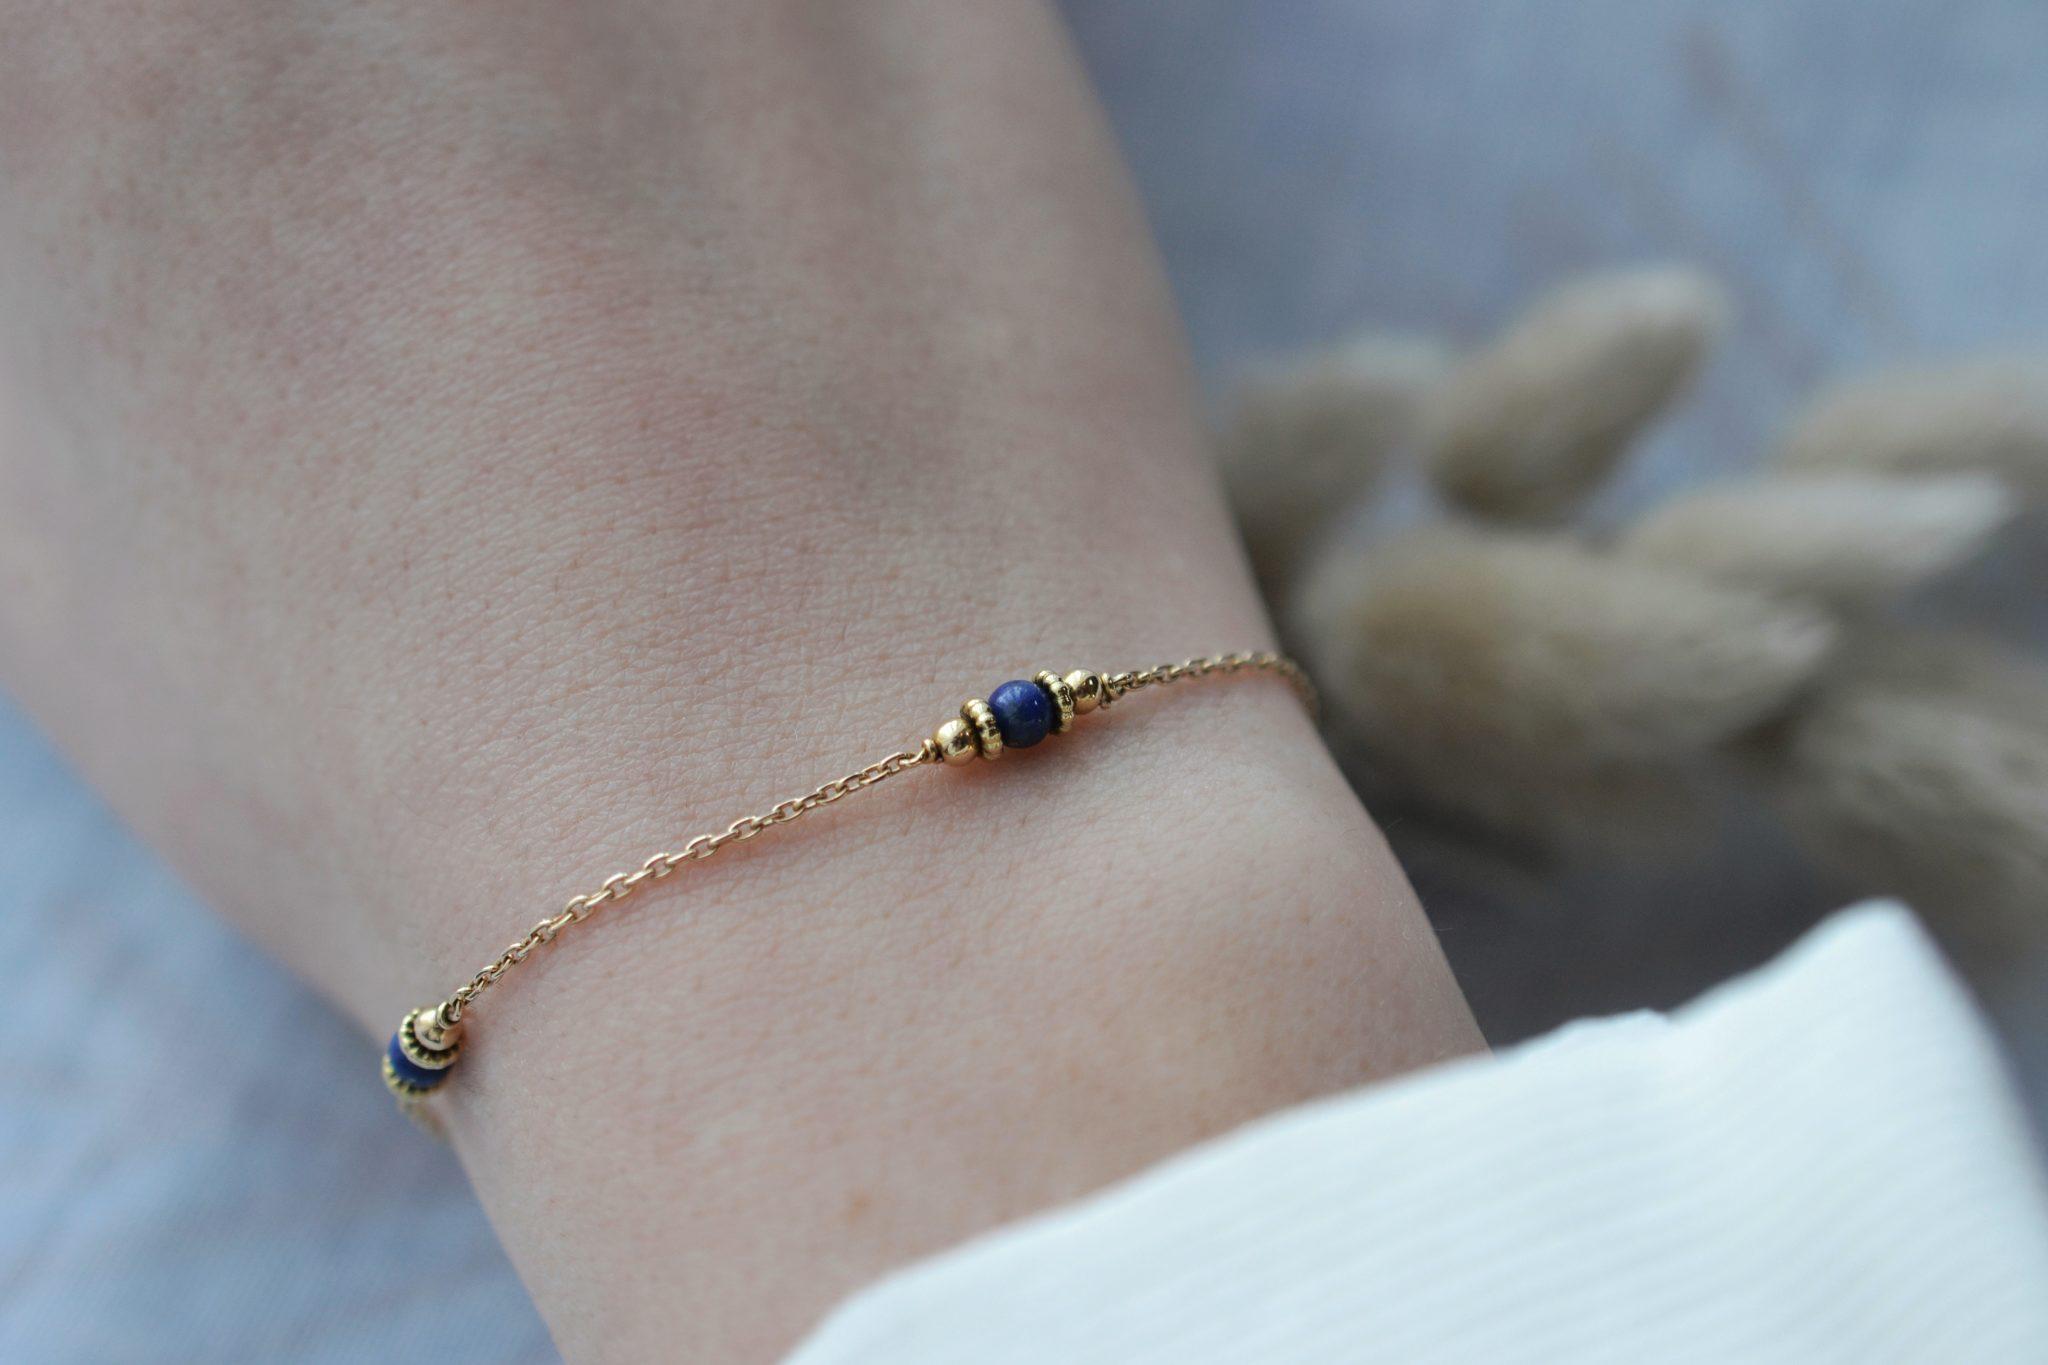 Bracelet en Or jaune habillé de 4 Lapis-lazulis - bracelet de seconde main